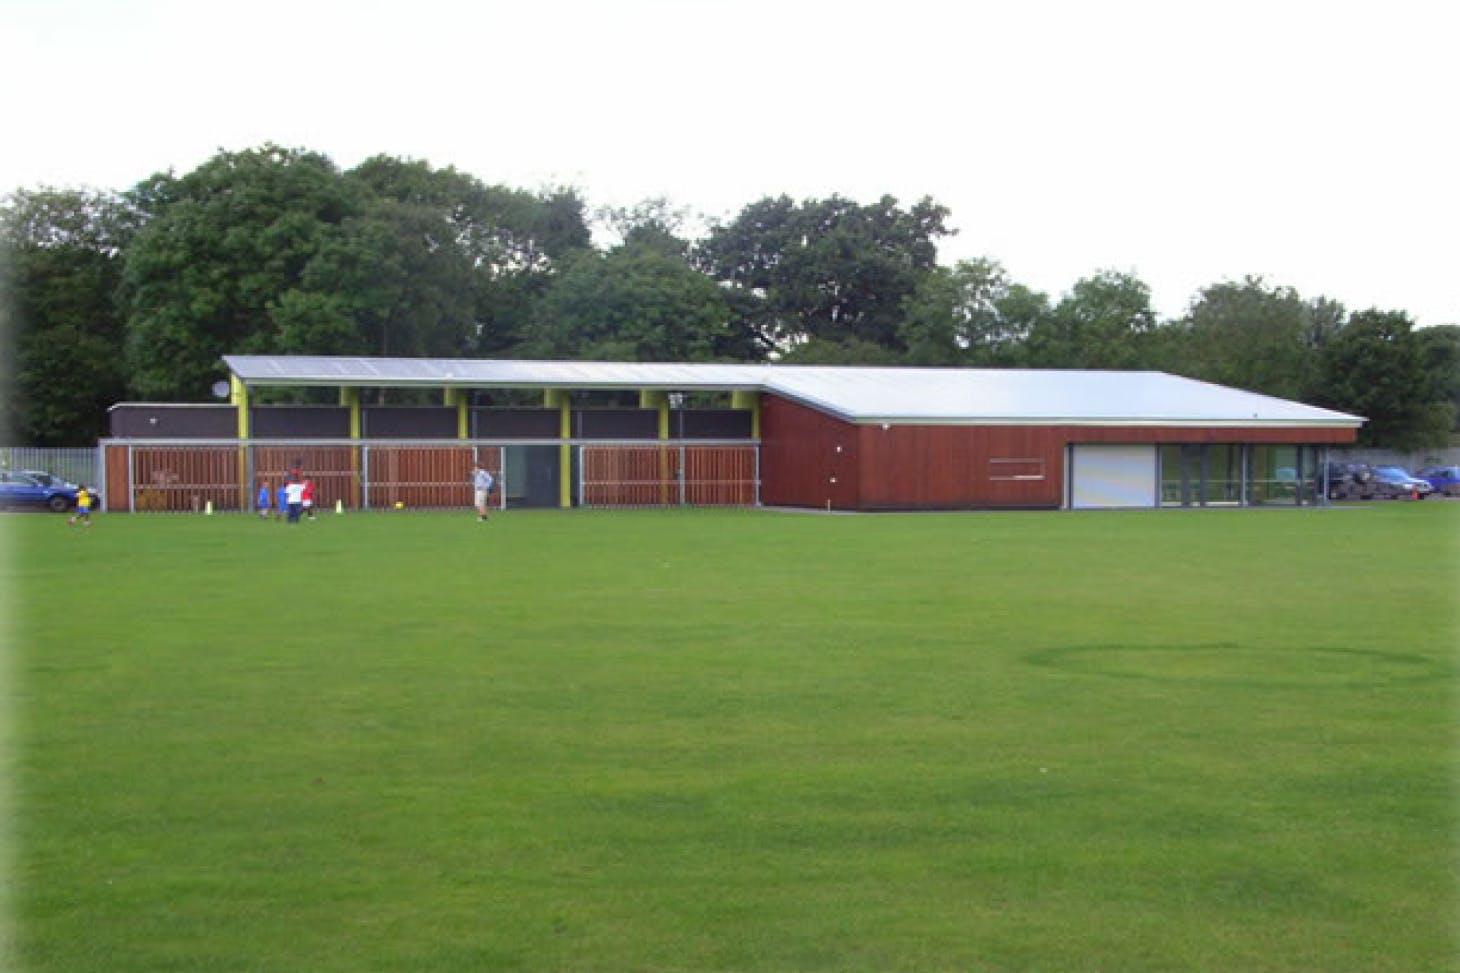 Ten Em Bee Sports Development Centre Full size | Grass cricket facilities